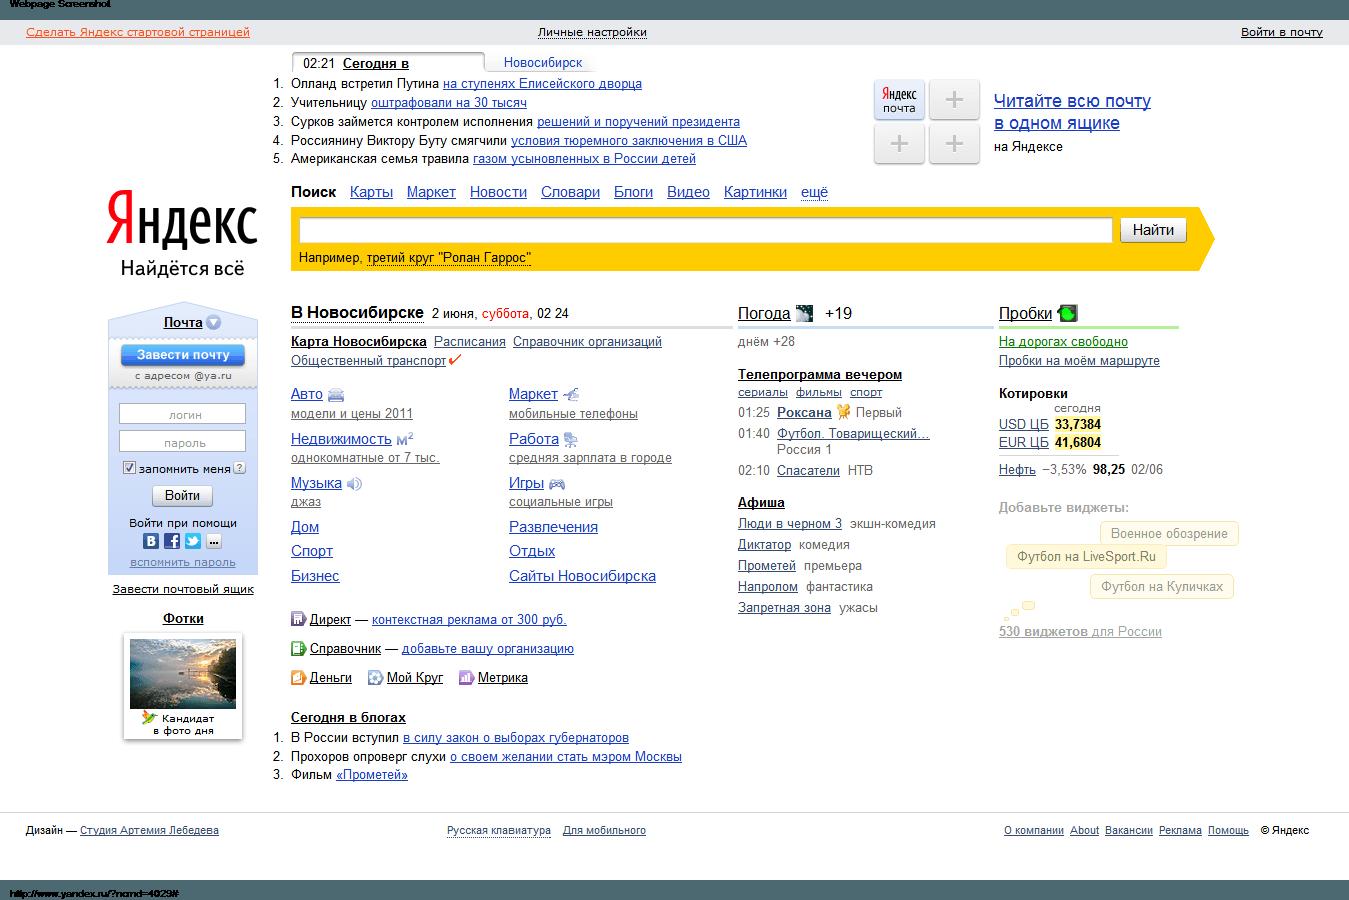 Как сделать Яндекс домашней страницей